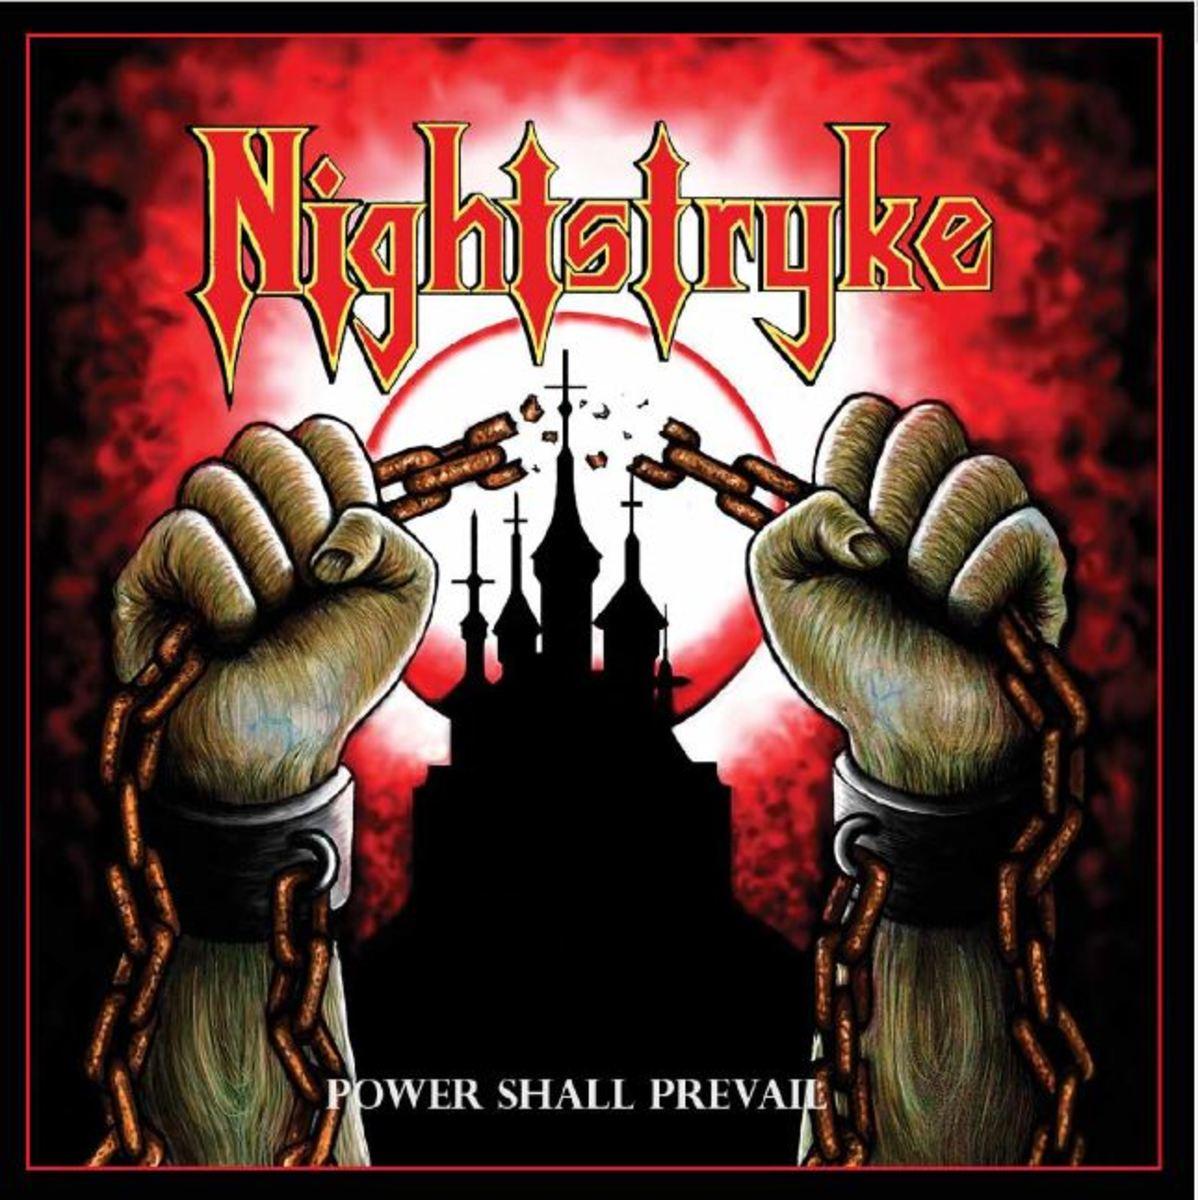 Nightstryke,